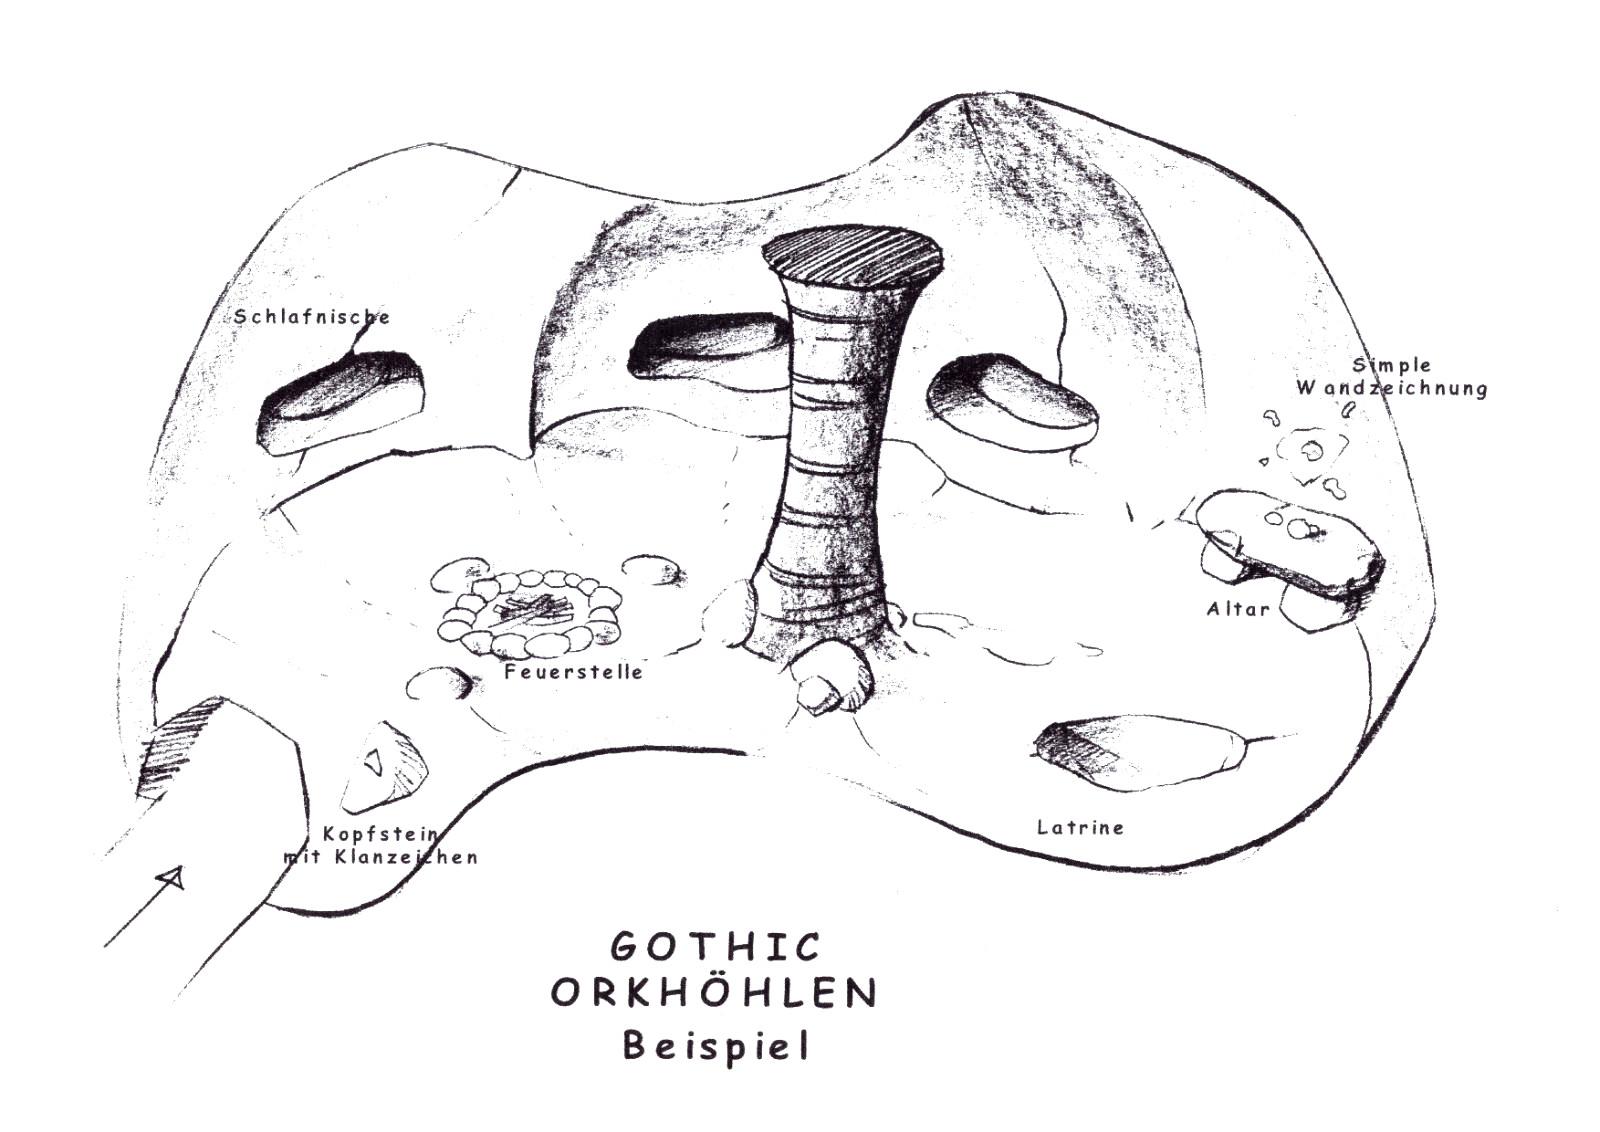 Gothic Orkhöhlen Beispiel